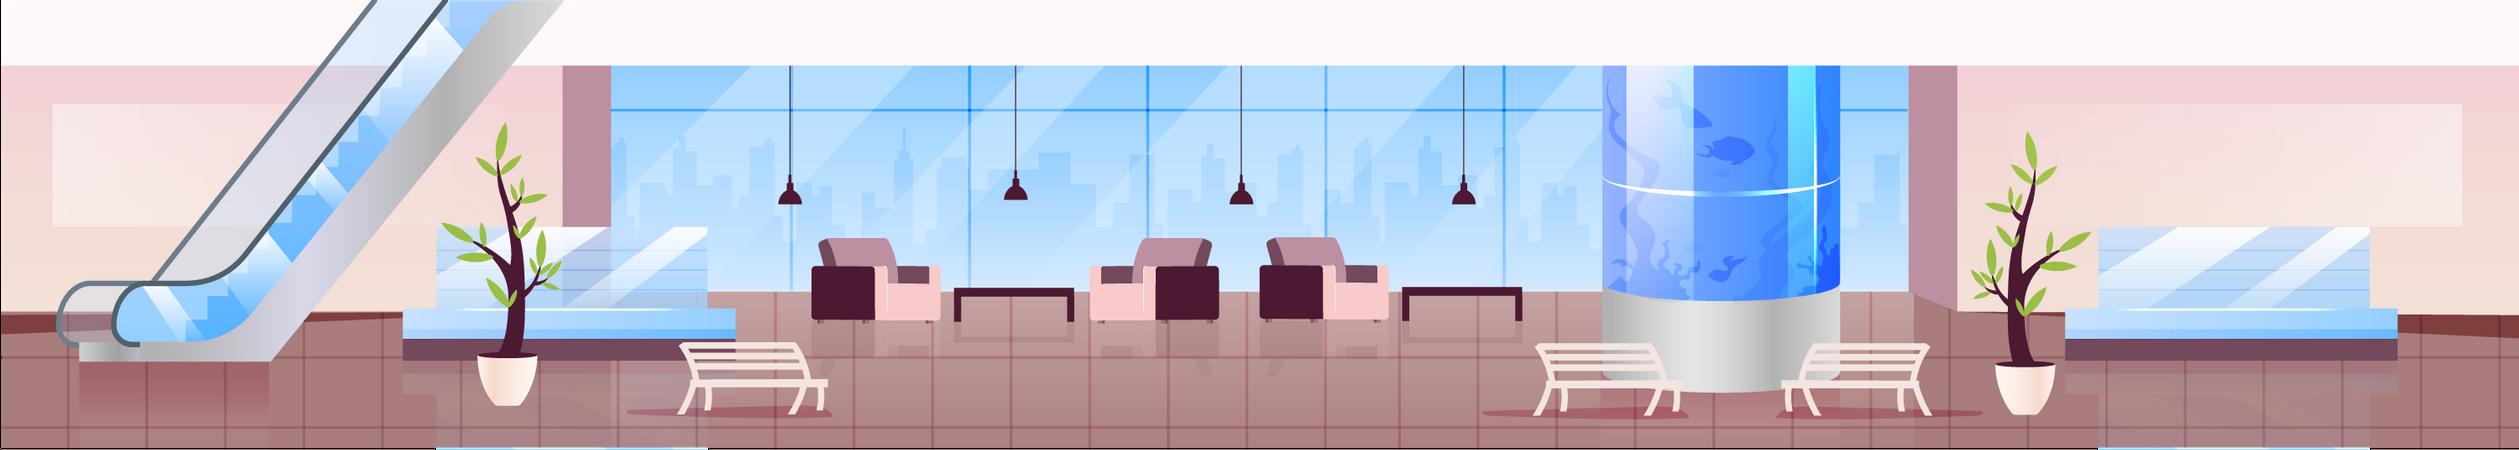 Lounge zone Illustration